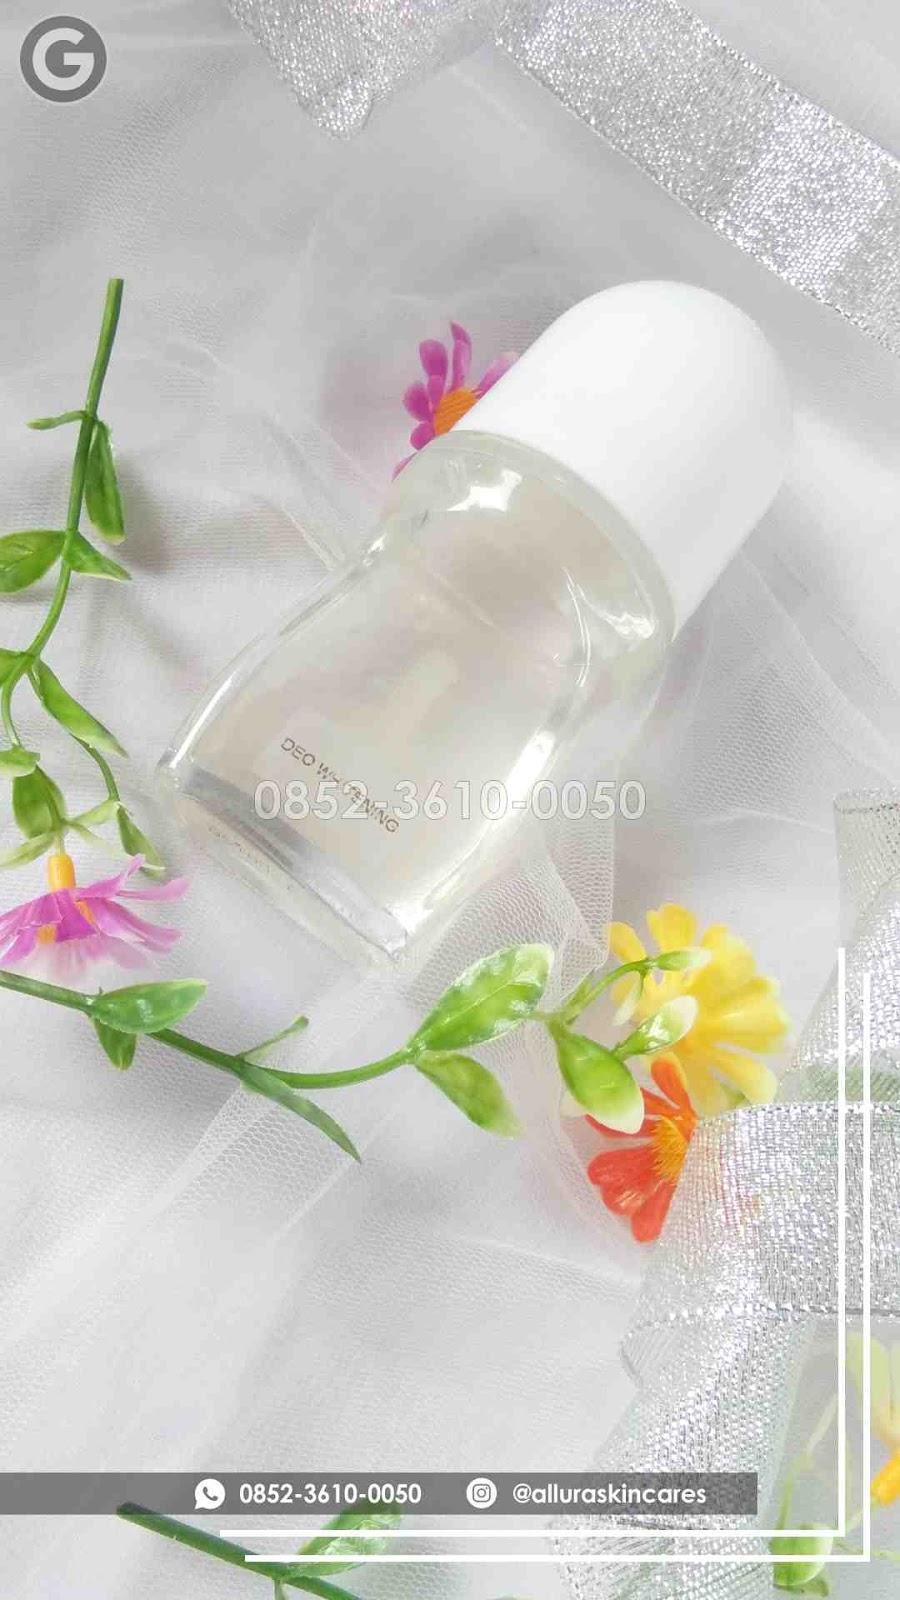 Rekomendasi Deodorant Pemutih Ketiak Yang Ampuh | +62 852-3610-0050